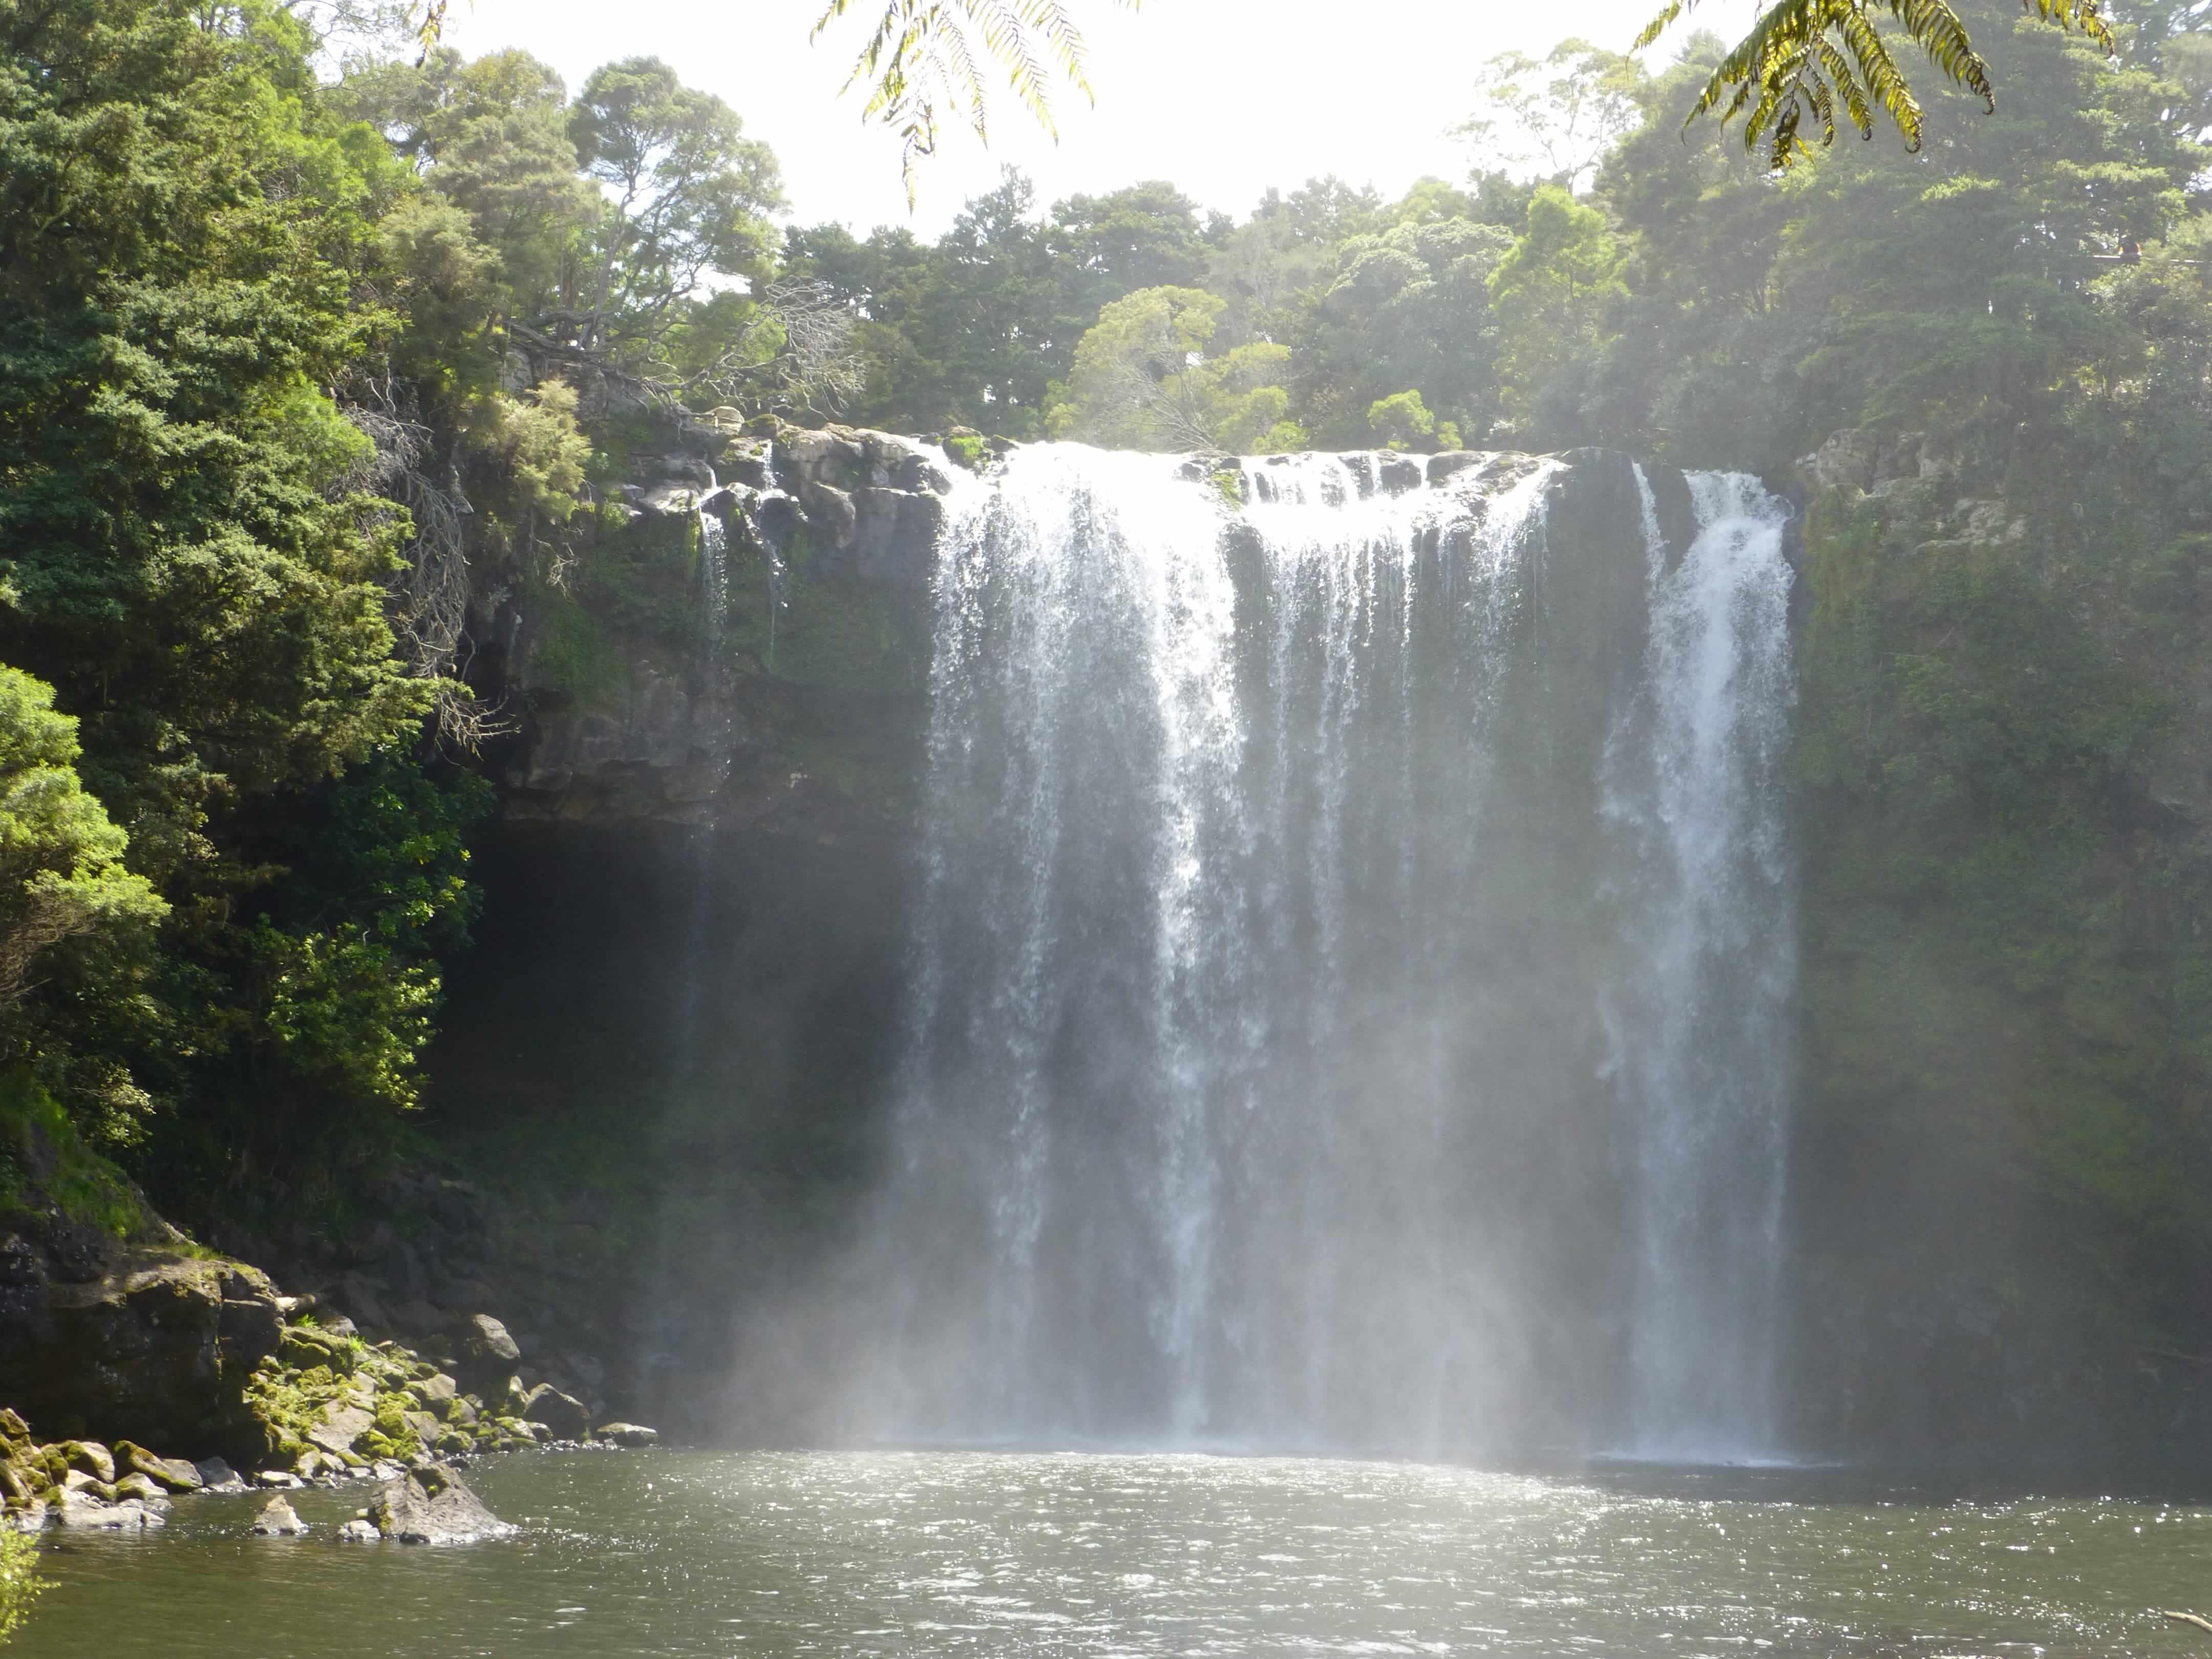 Weit weg Reisen, Rainbow Falls, bei Kerikeri 13